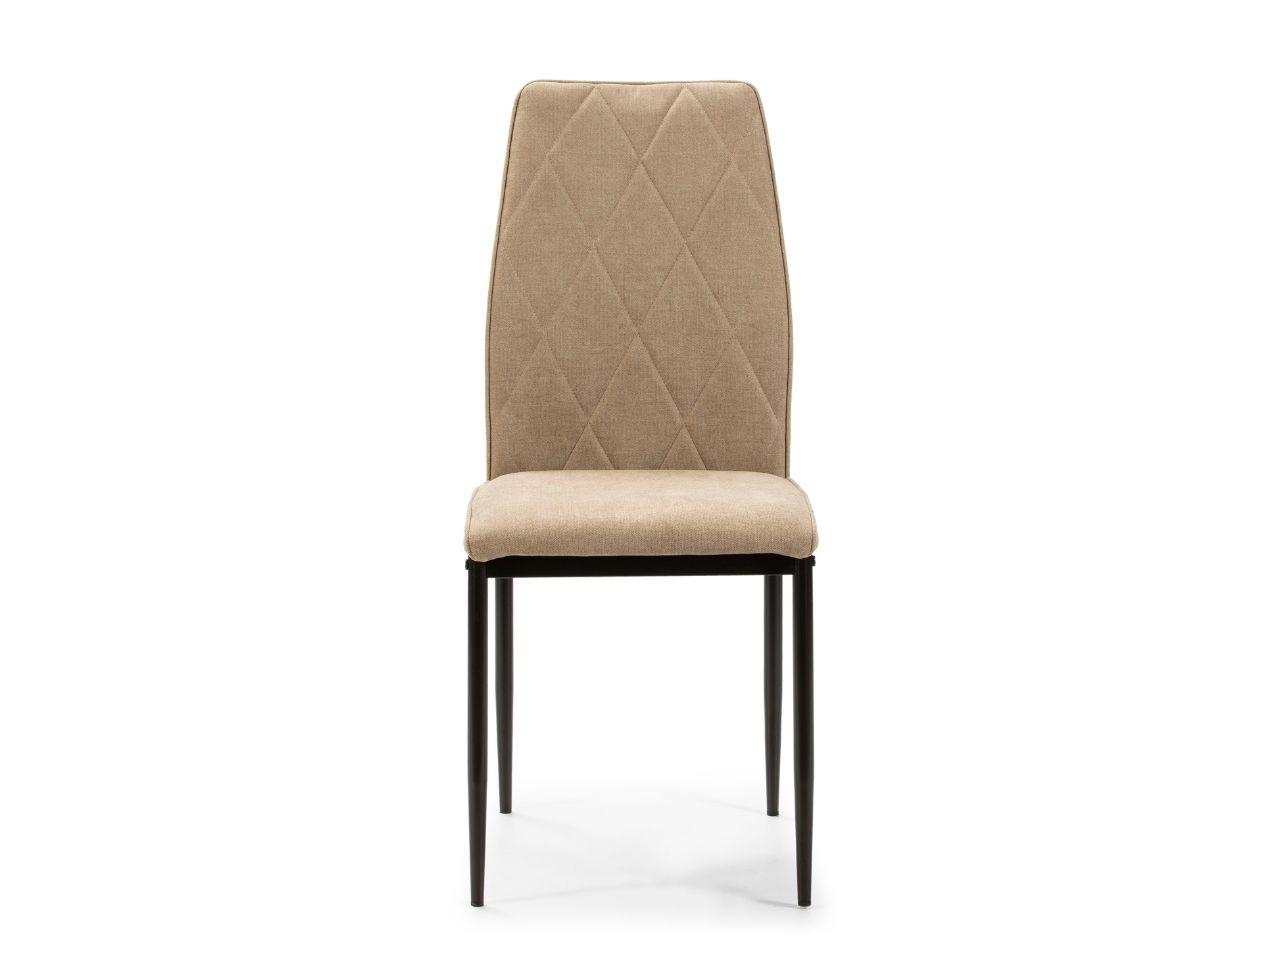 Muebles reclinables santo domingo obtenga ideas dise o de muebles para su hogar aqu - Sofas para habitacion ...